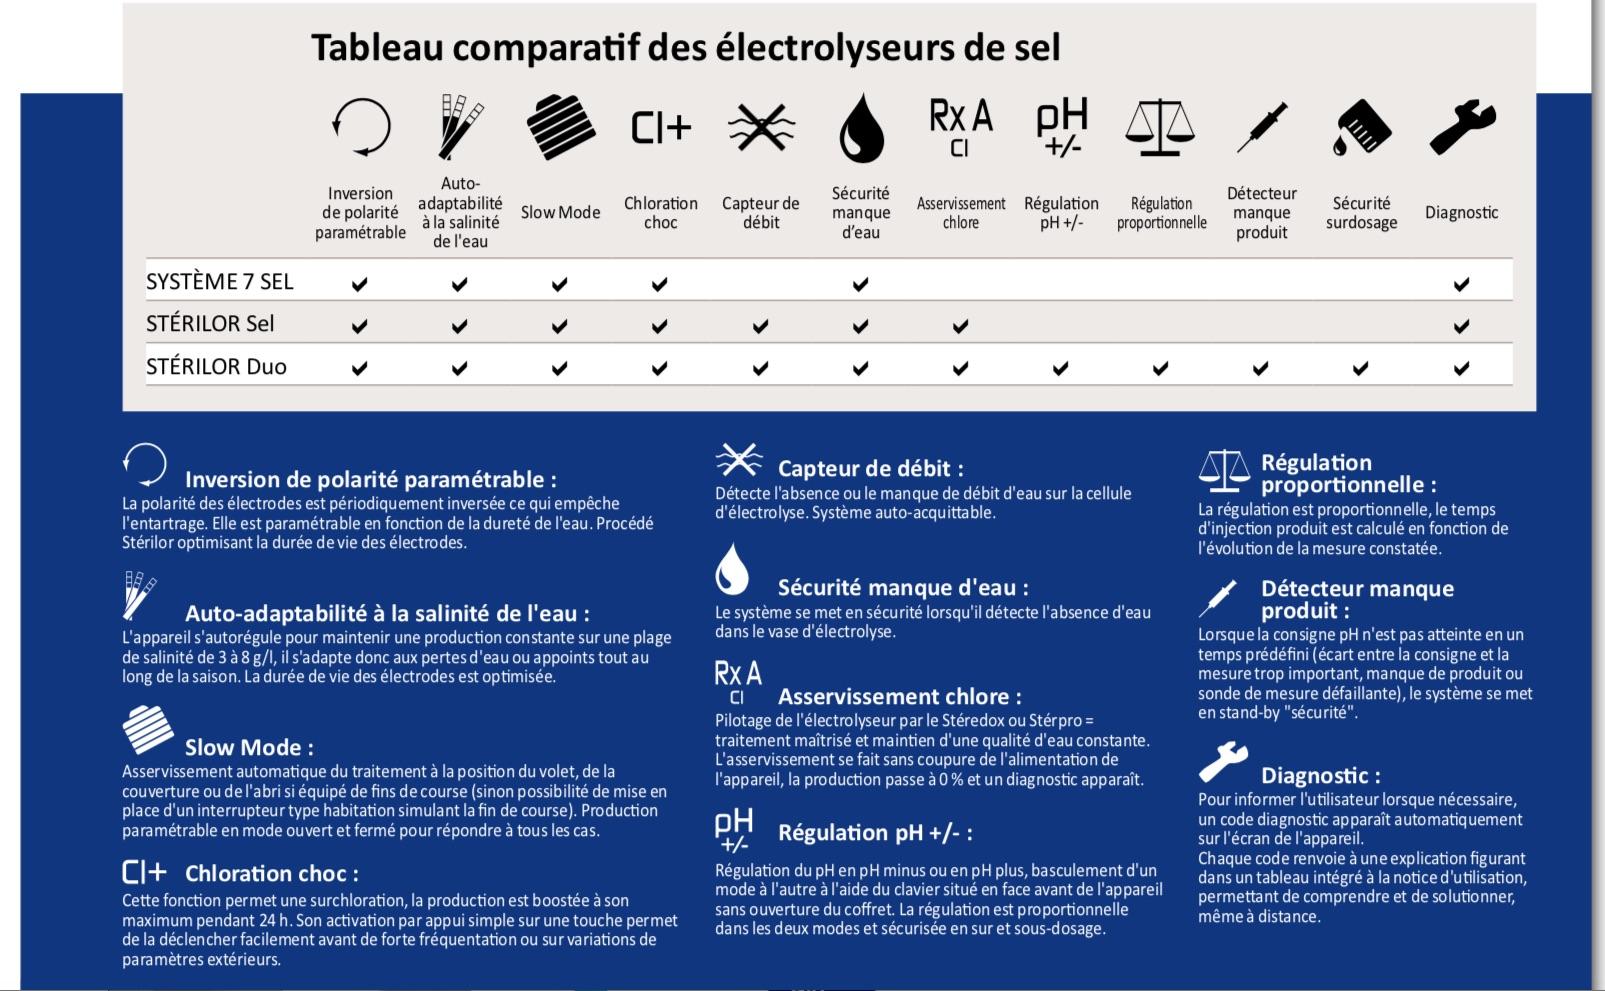 Tableau comparatif des électrolyseurs au Sel Stérilor